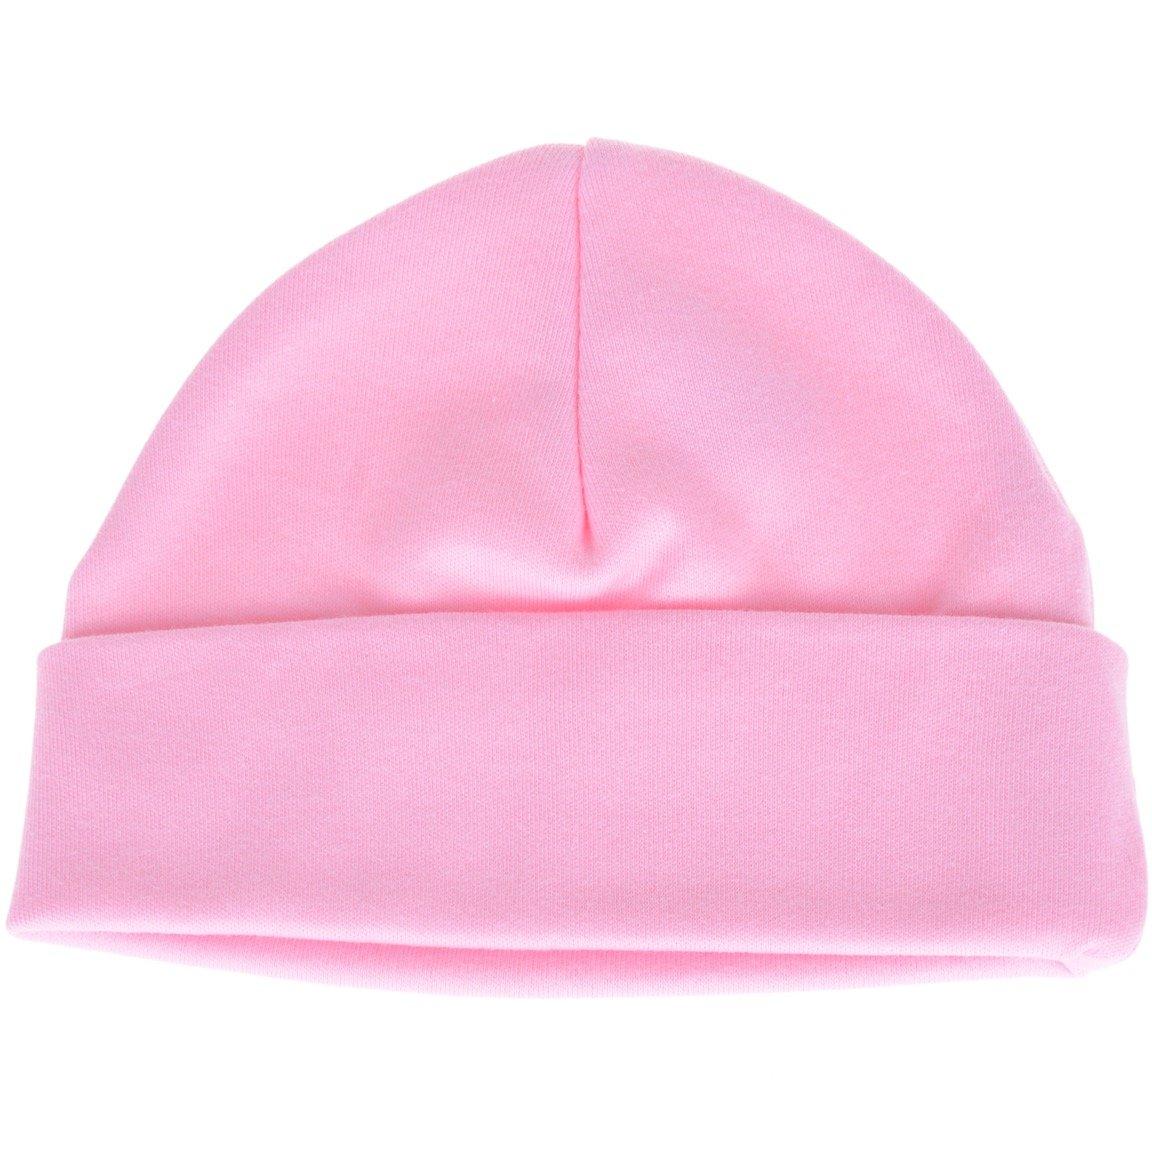 AZ βρεφικό σκουφάκι νεογνού «Pink Cap»